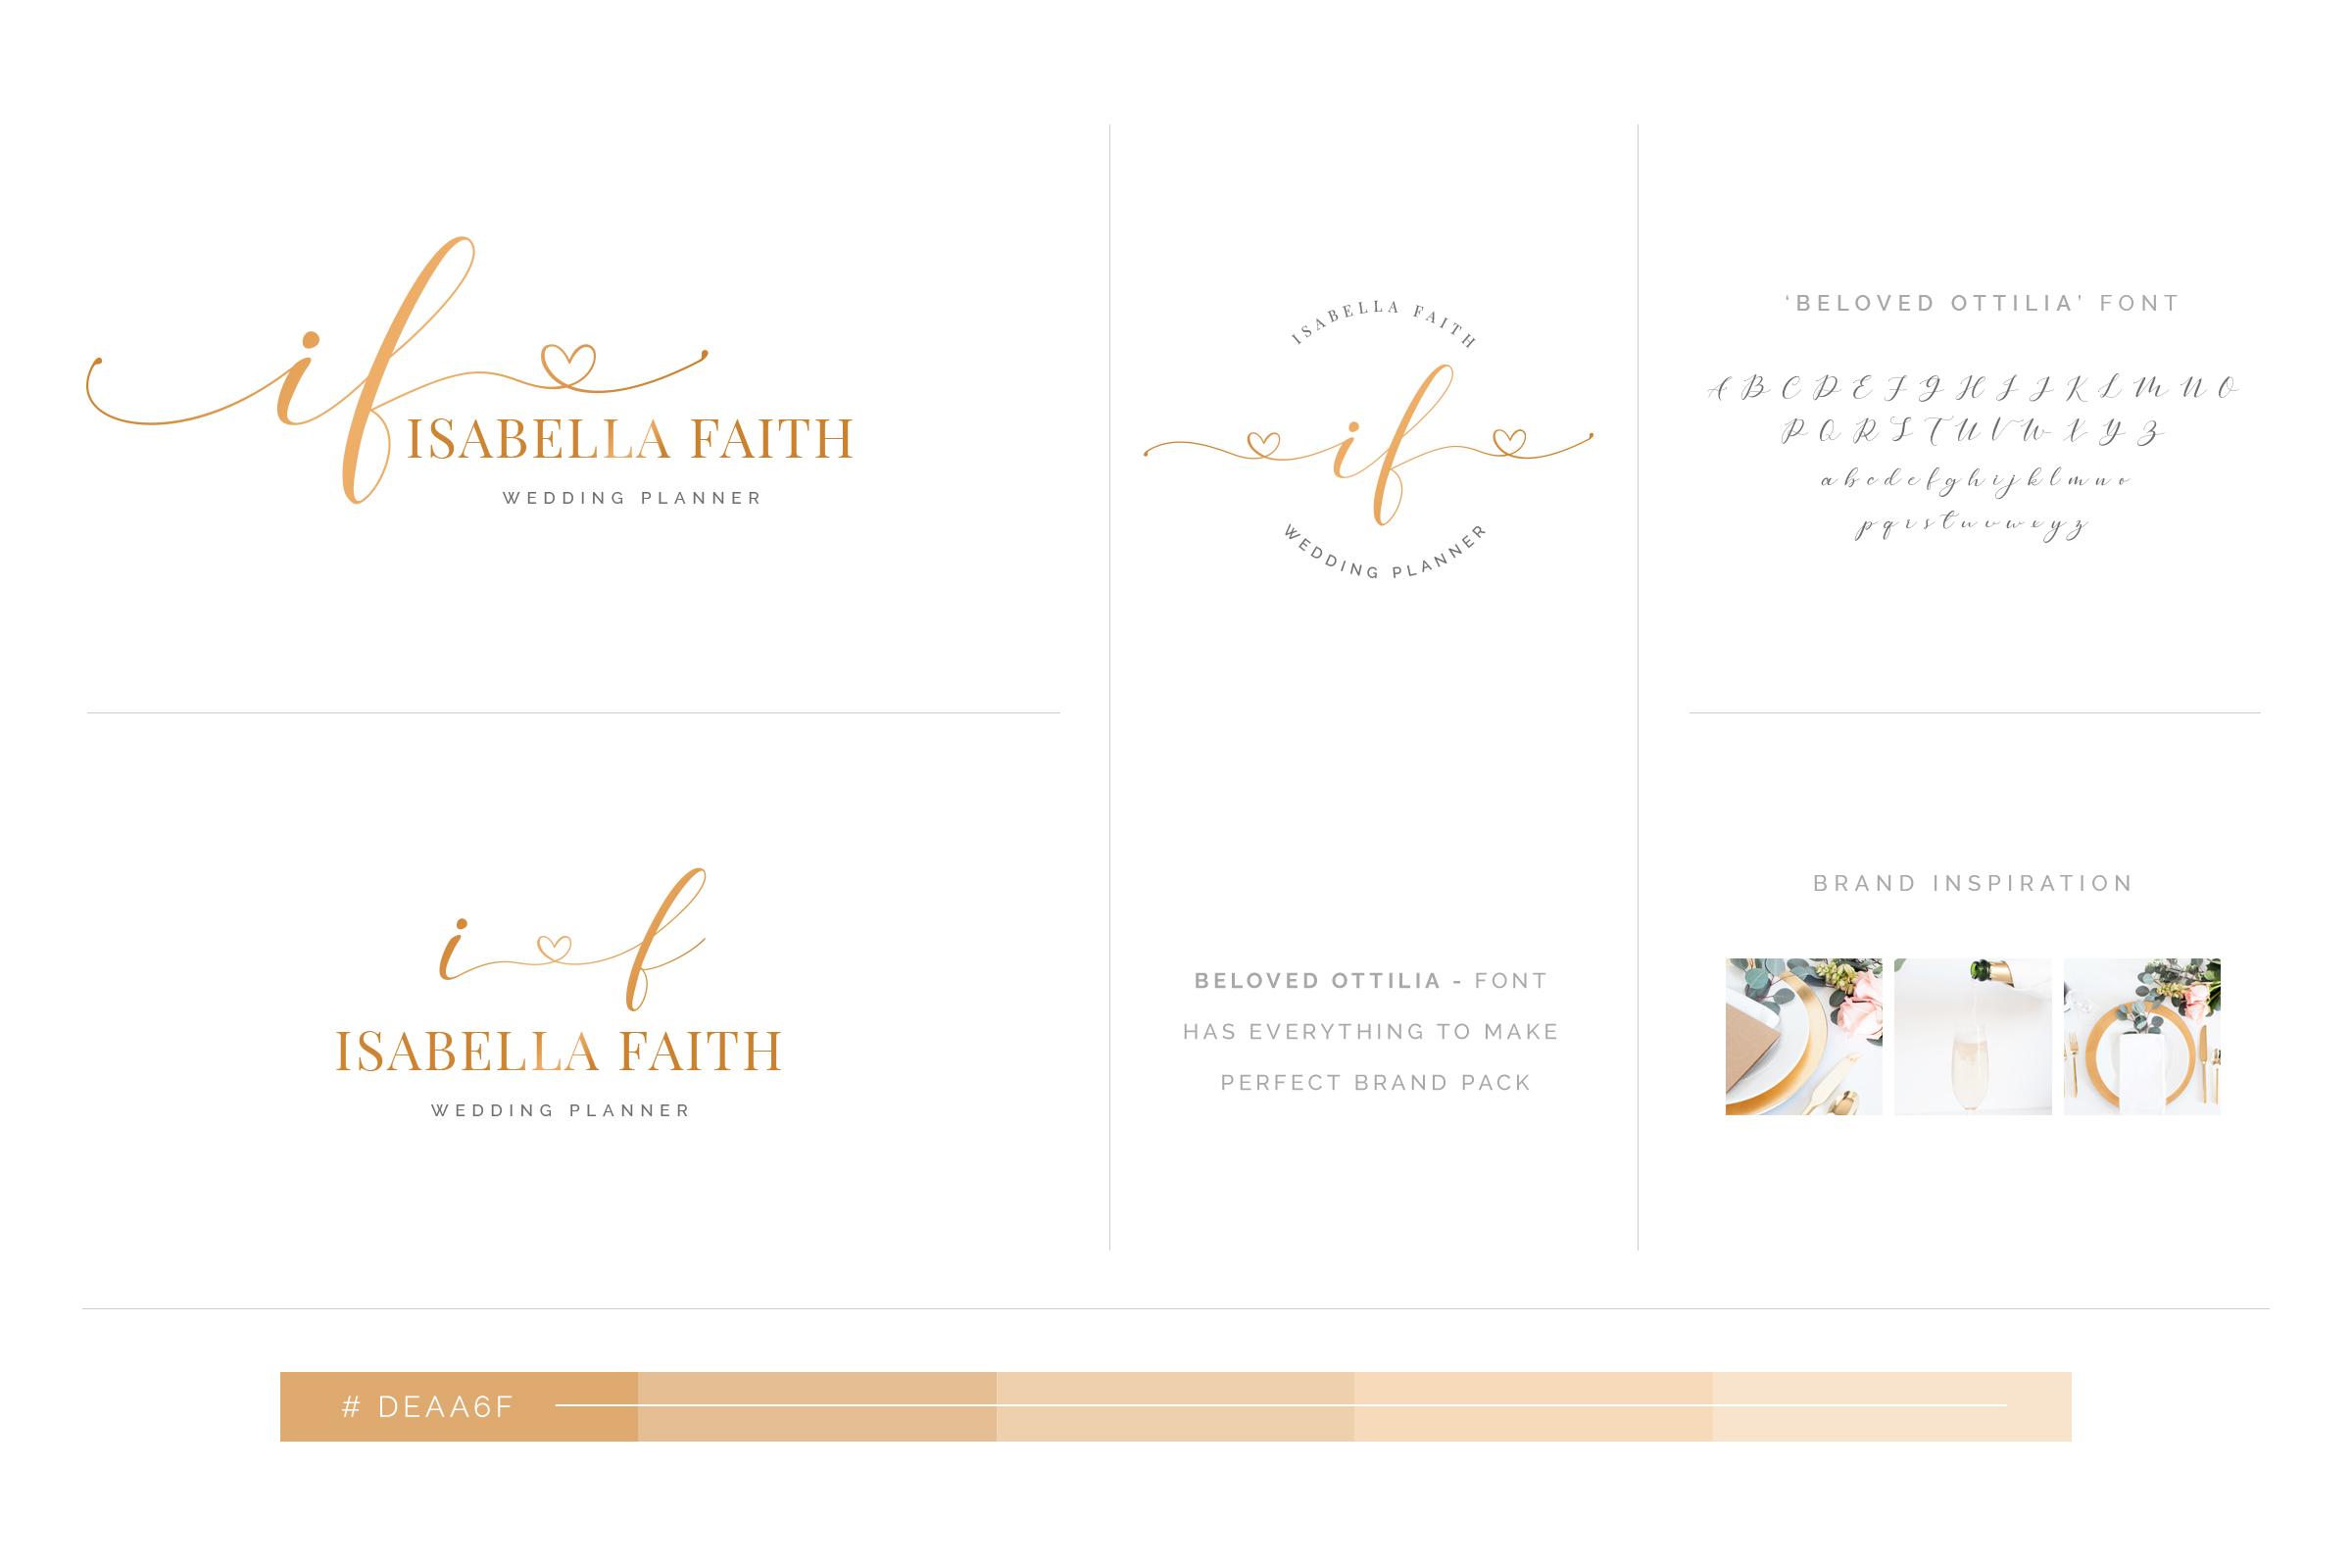 Beloved Ottilia Font 60 Free Logos example image 15